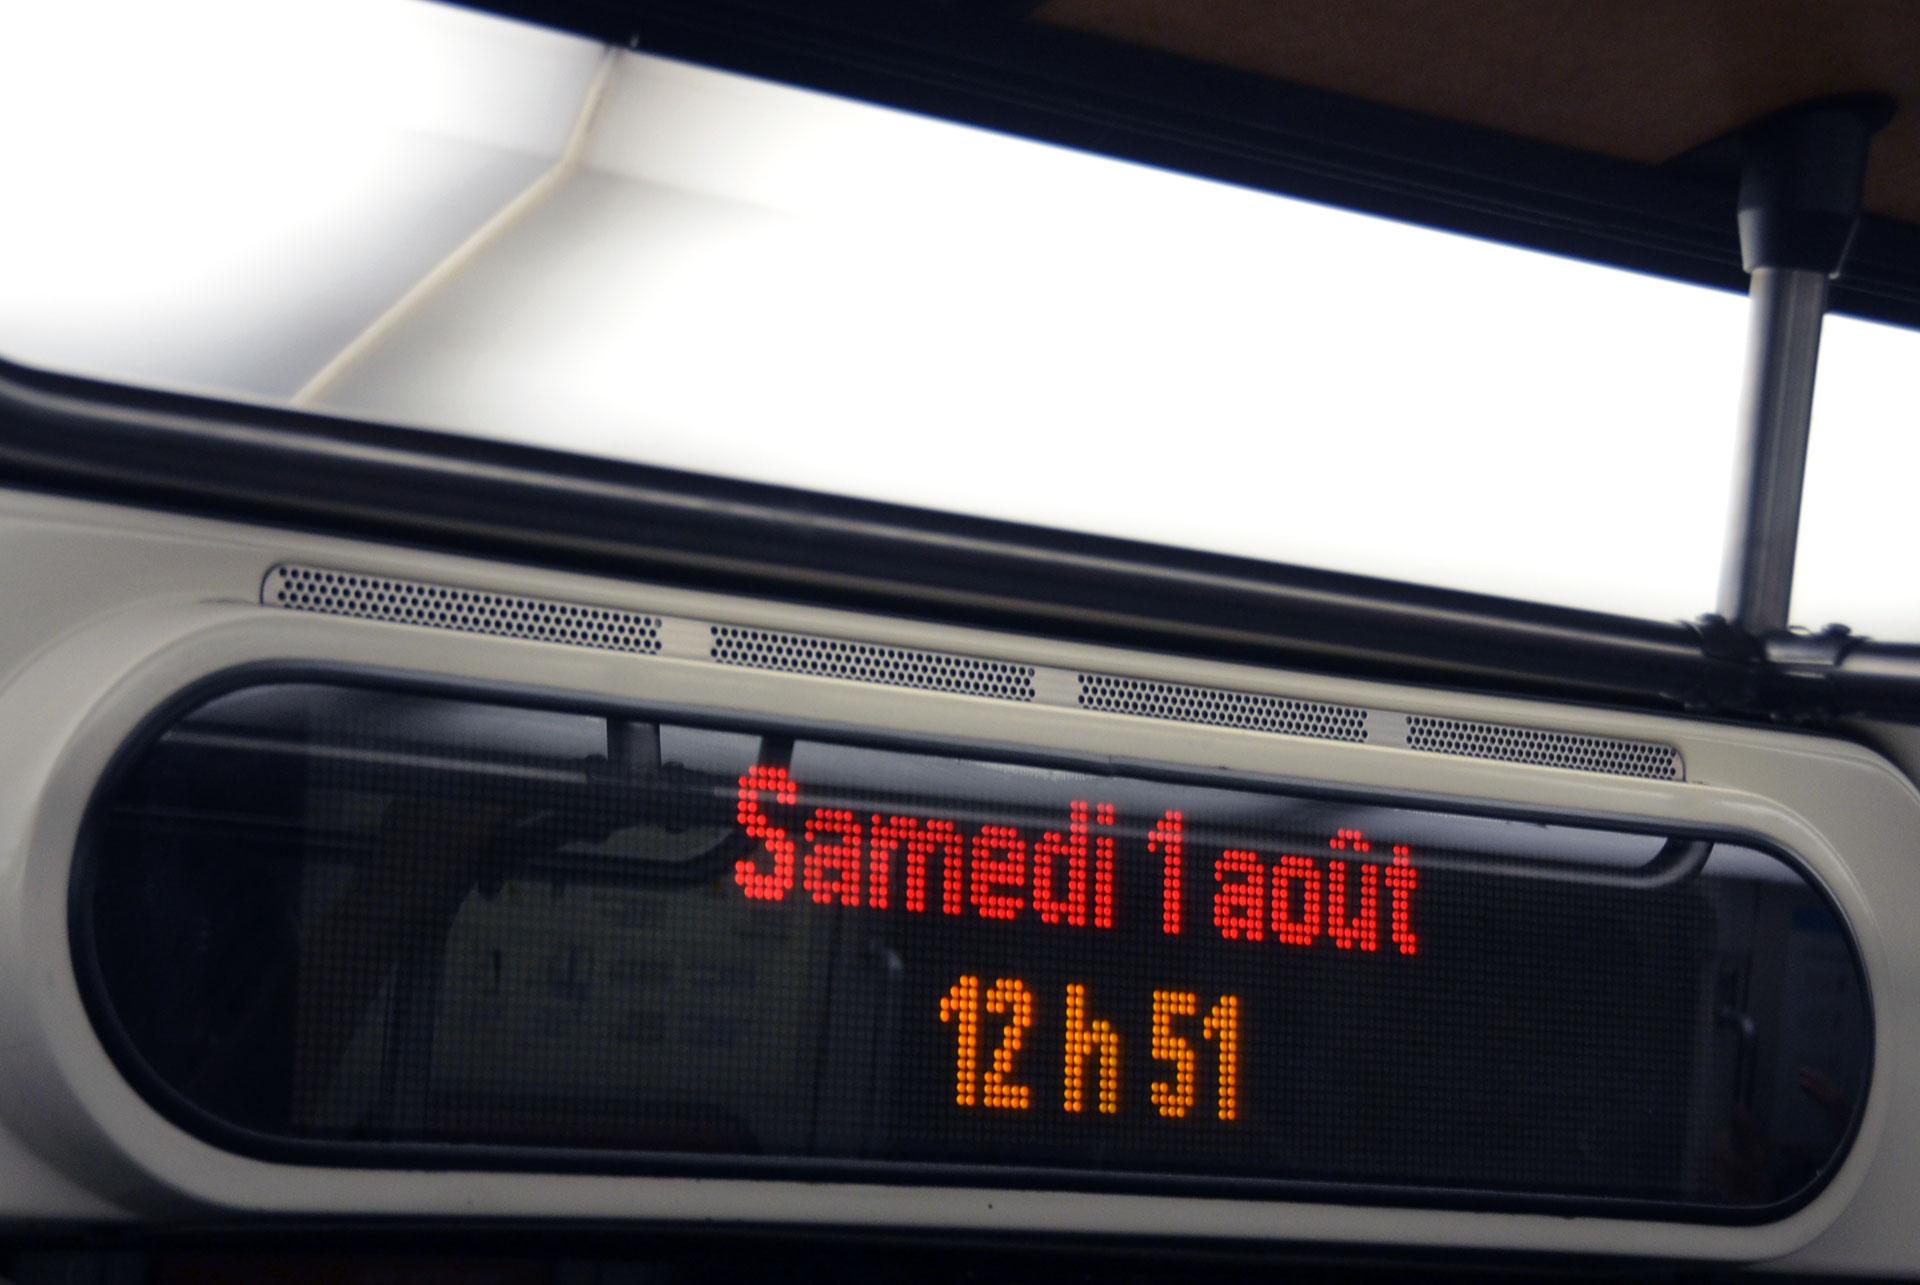 metro digital signage